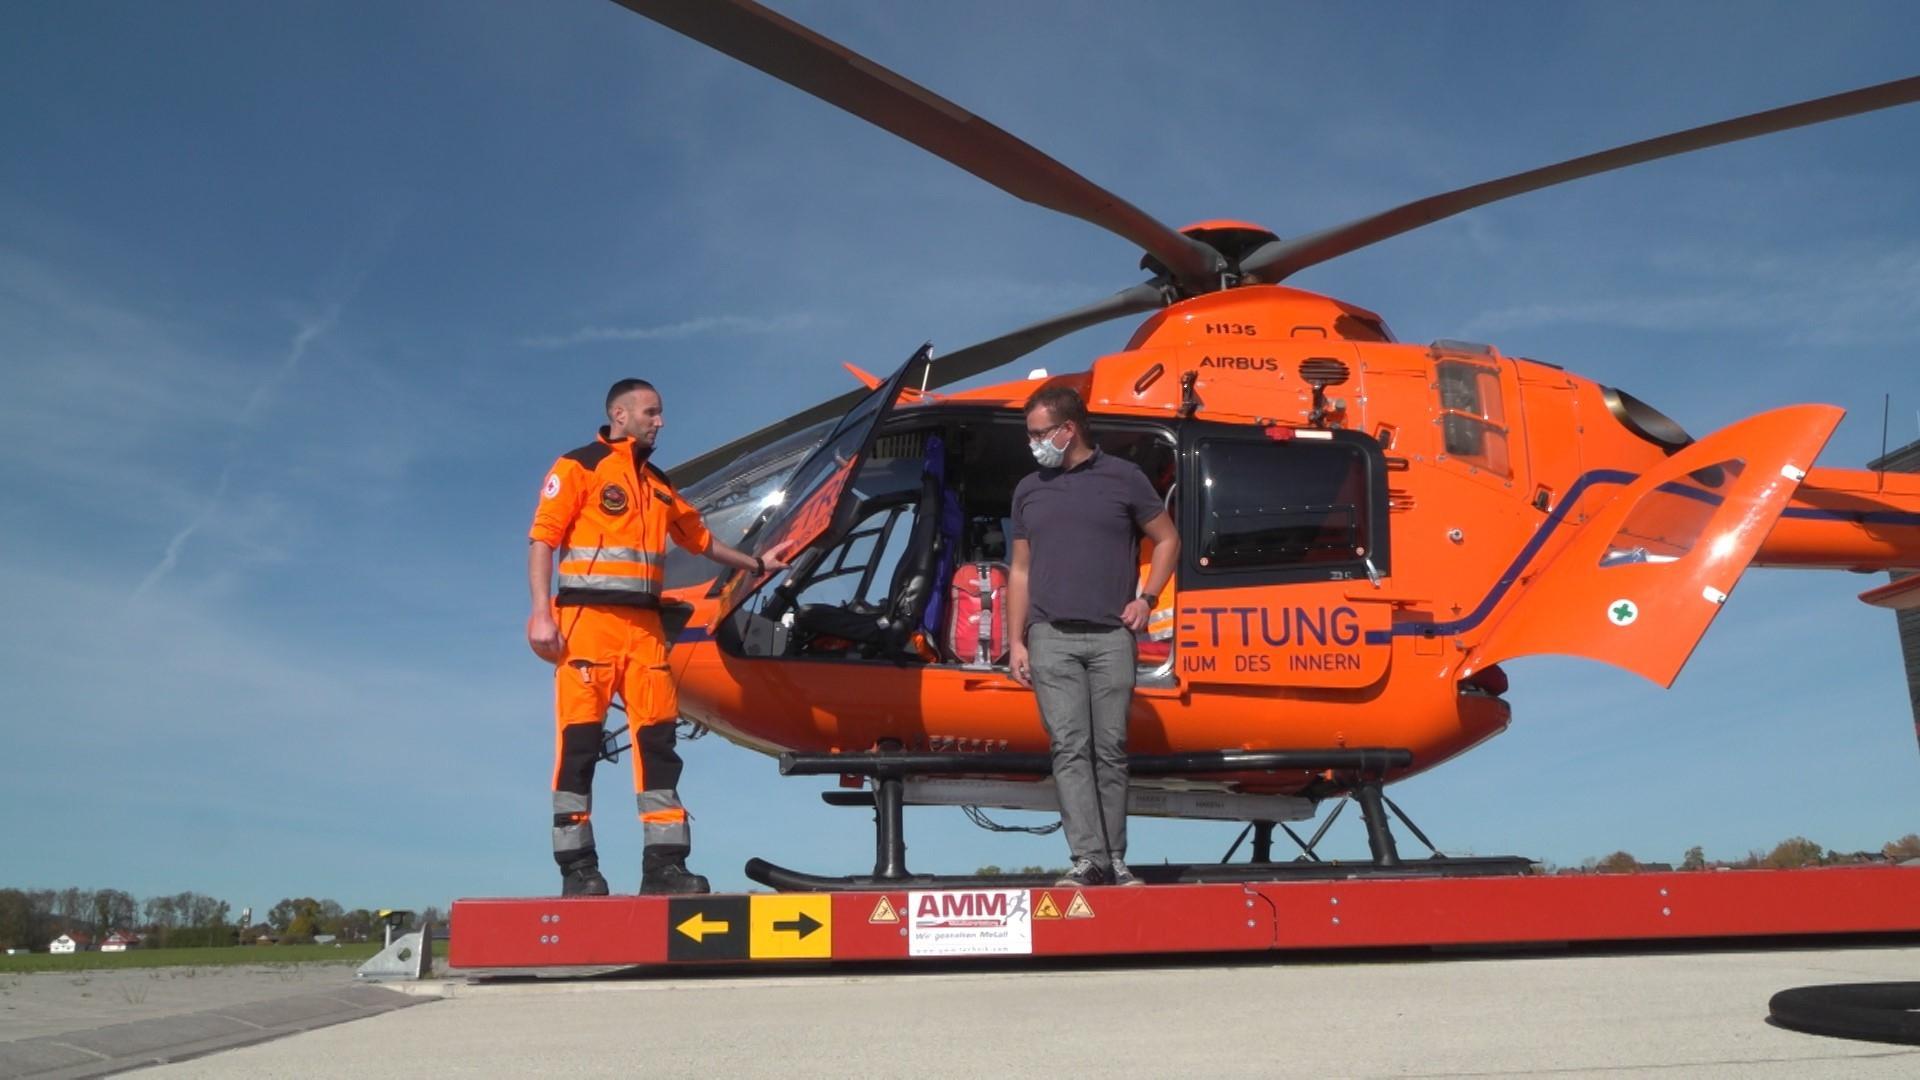 sur YT:  L'équipe de Christoph 17: des sauveteurs dans les montagnes de l'Allgäu  infos